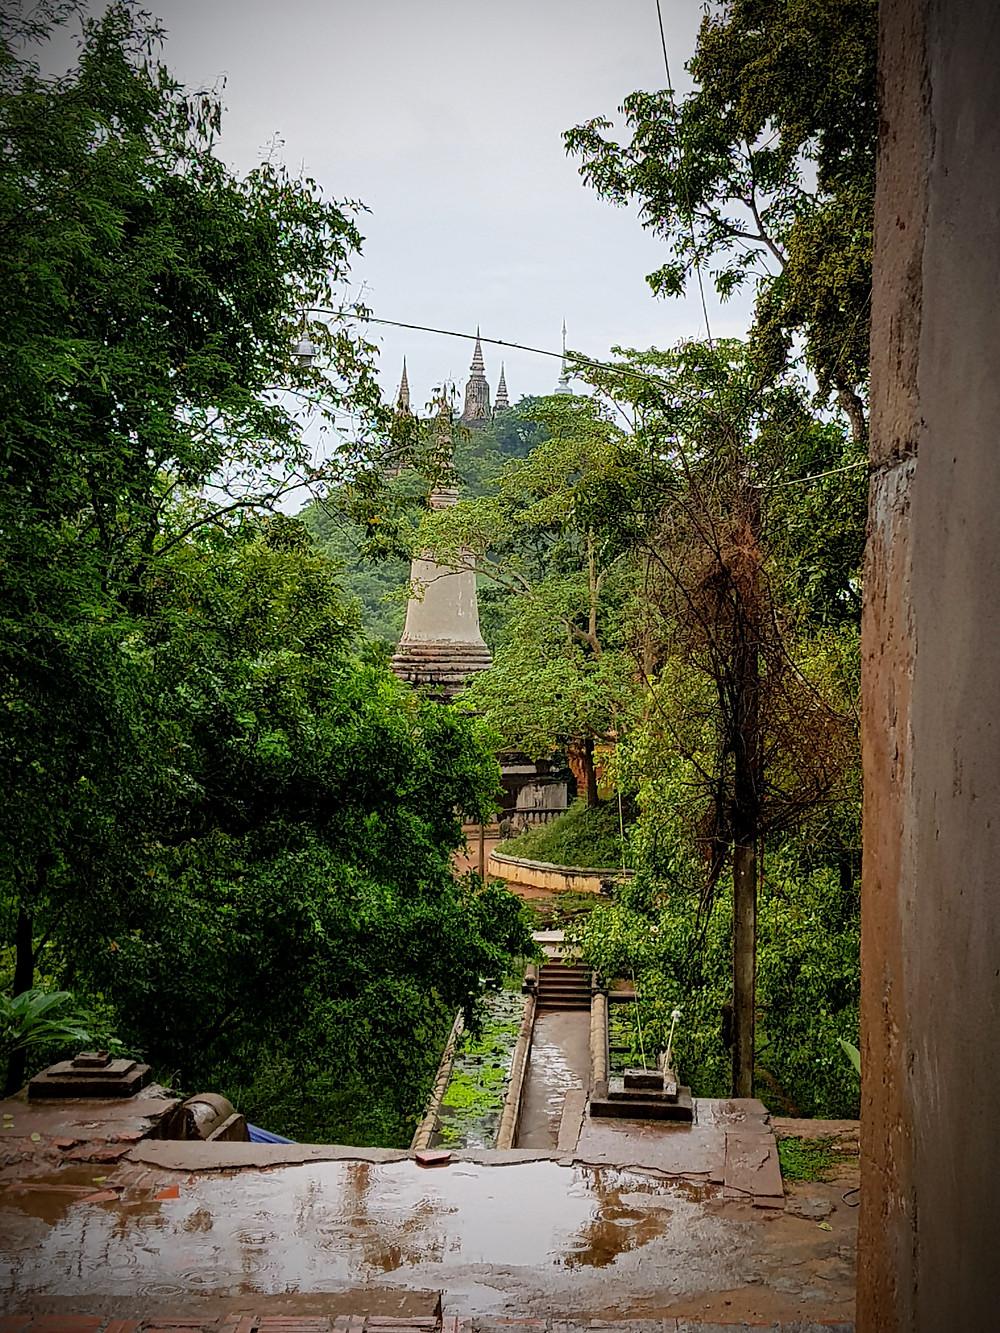 Widok na Oudong, budynki w dawnej stolicy Kambodży, stupy, las, dżungla, małpy, kamienne chodniki